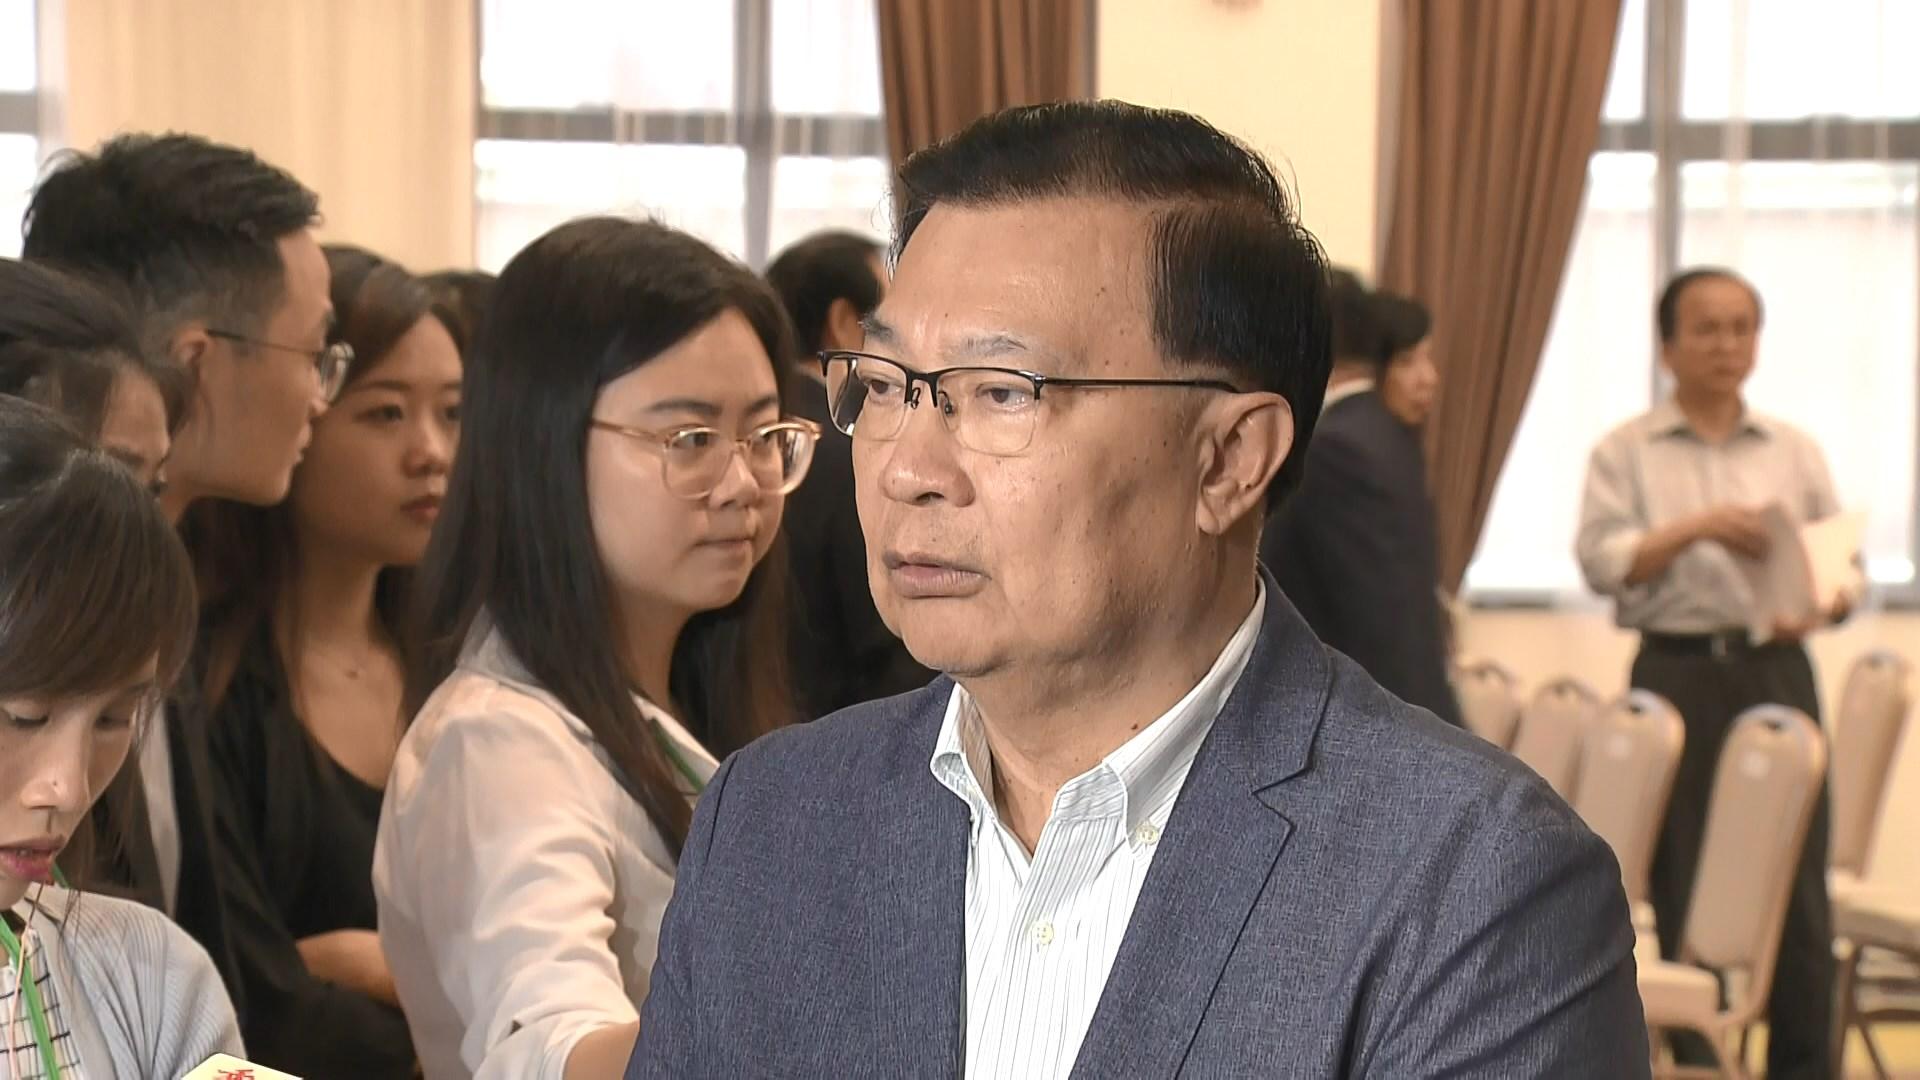 譚耀宗:不應再延續「撤回」等字眼爭議